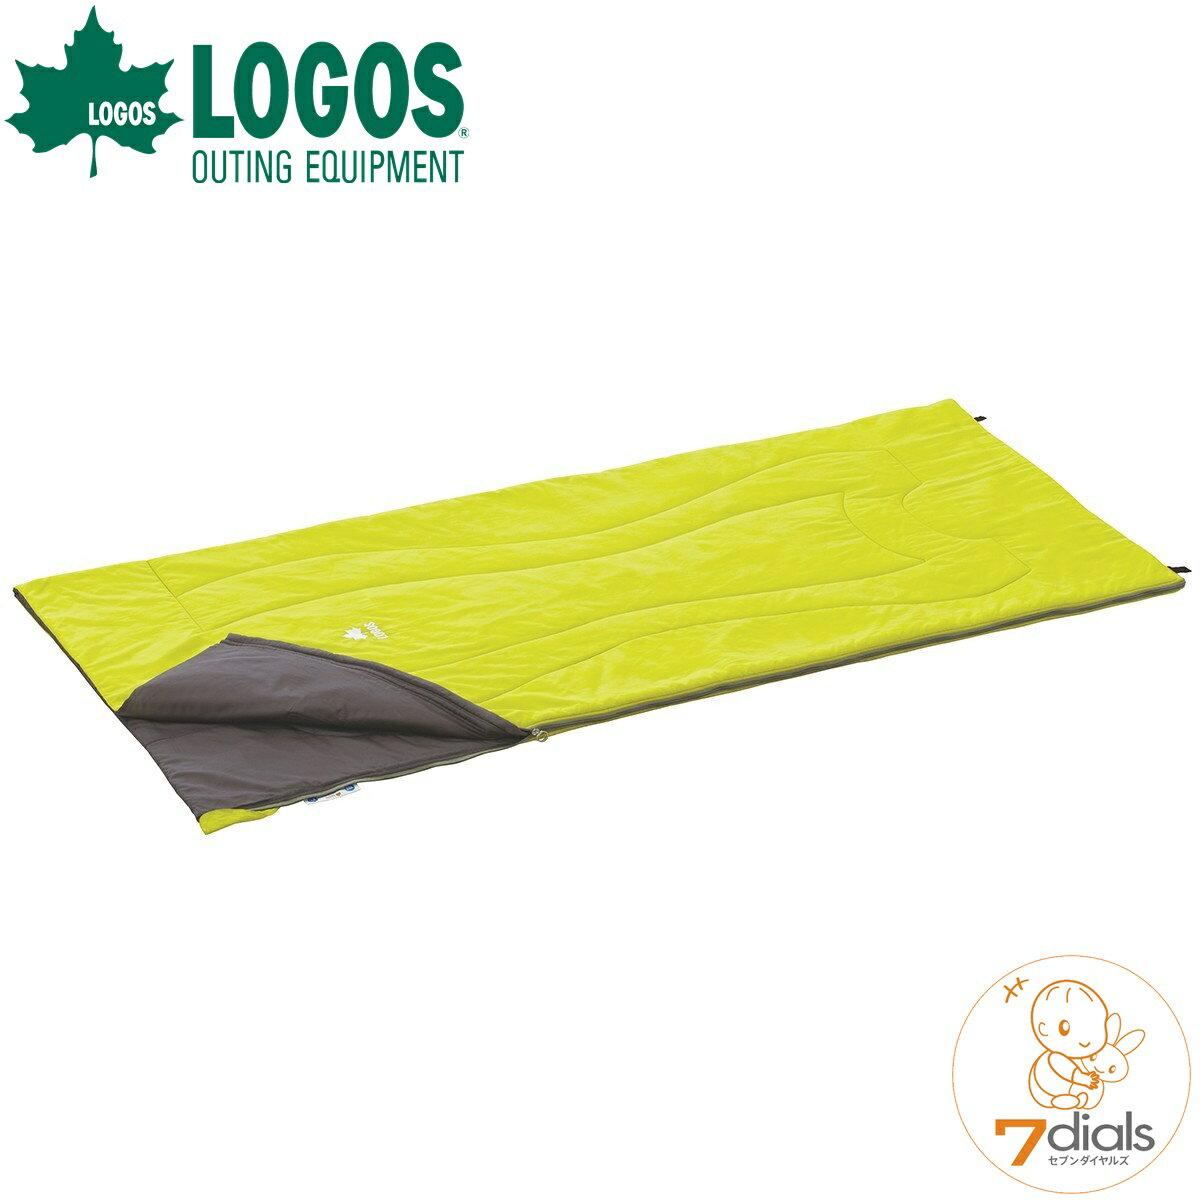 LOGOS/ロゴス ウルトラコンパクトシュラフ・2 暖かいのにコンパクトな寝袋 シュラフ 薄型でかさばらない 丸洗い可能【送料無料】